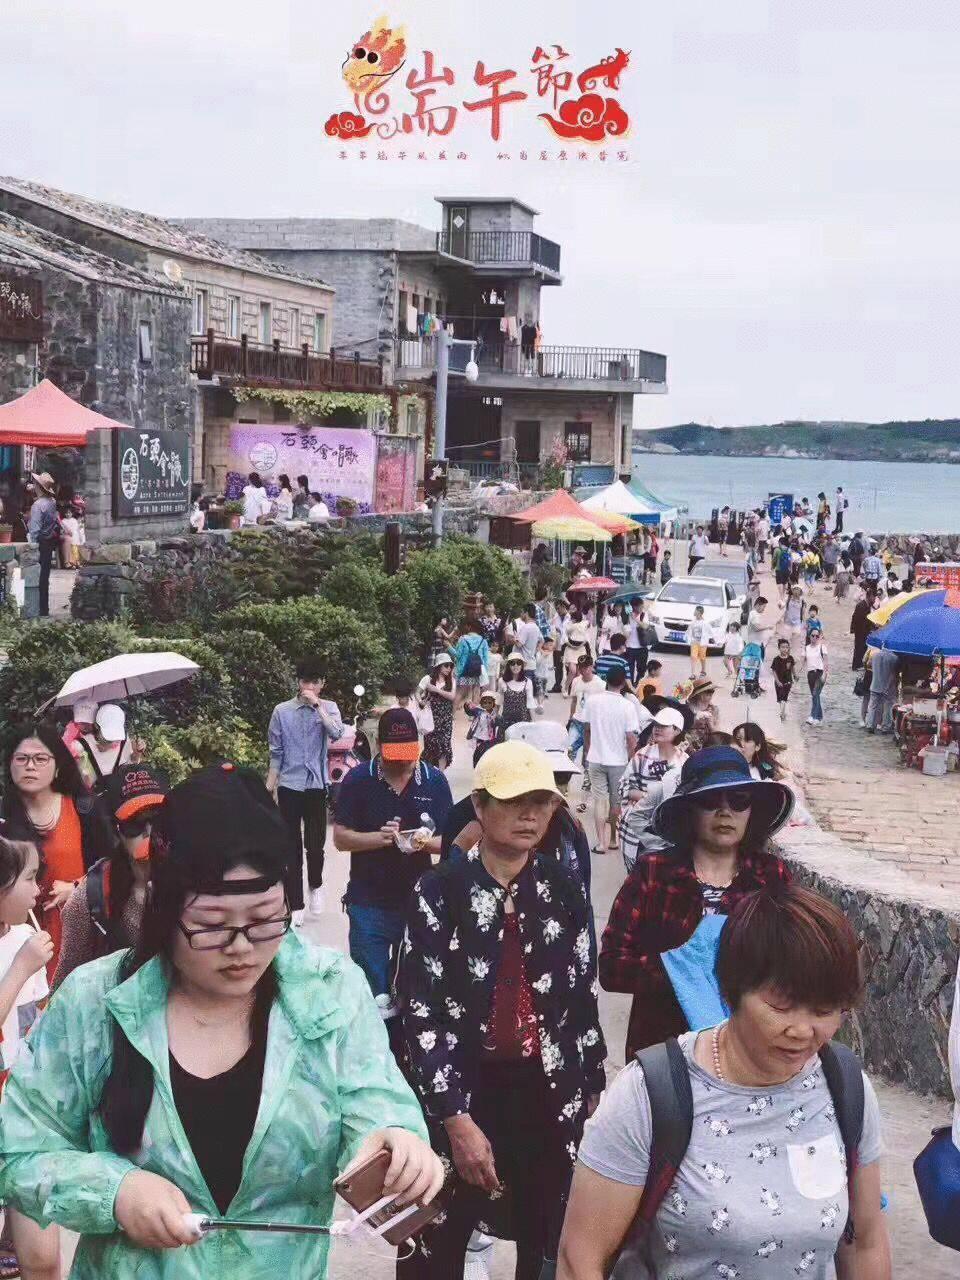 平潭端午假期接待游客13万人 旅游收入达6500万